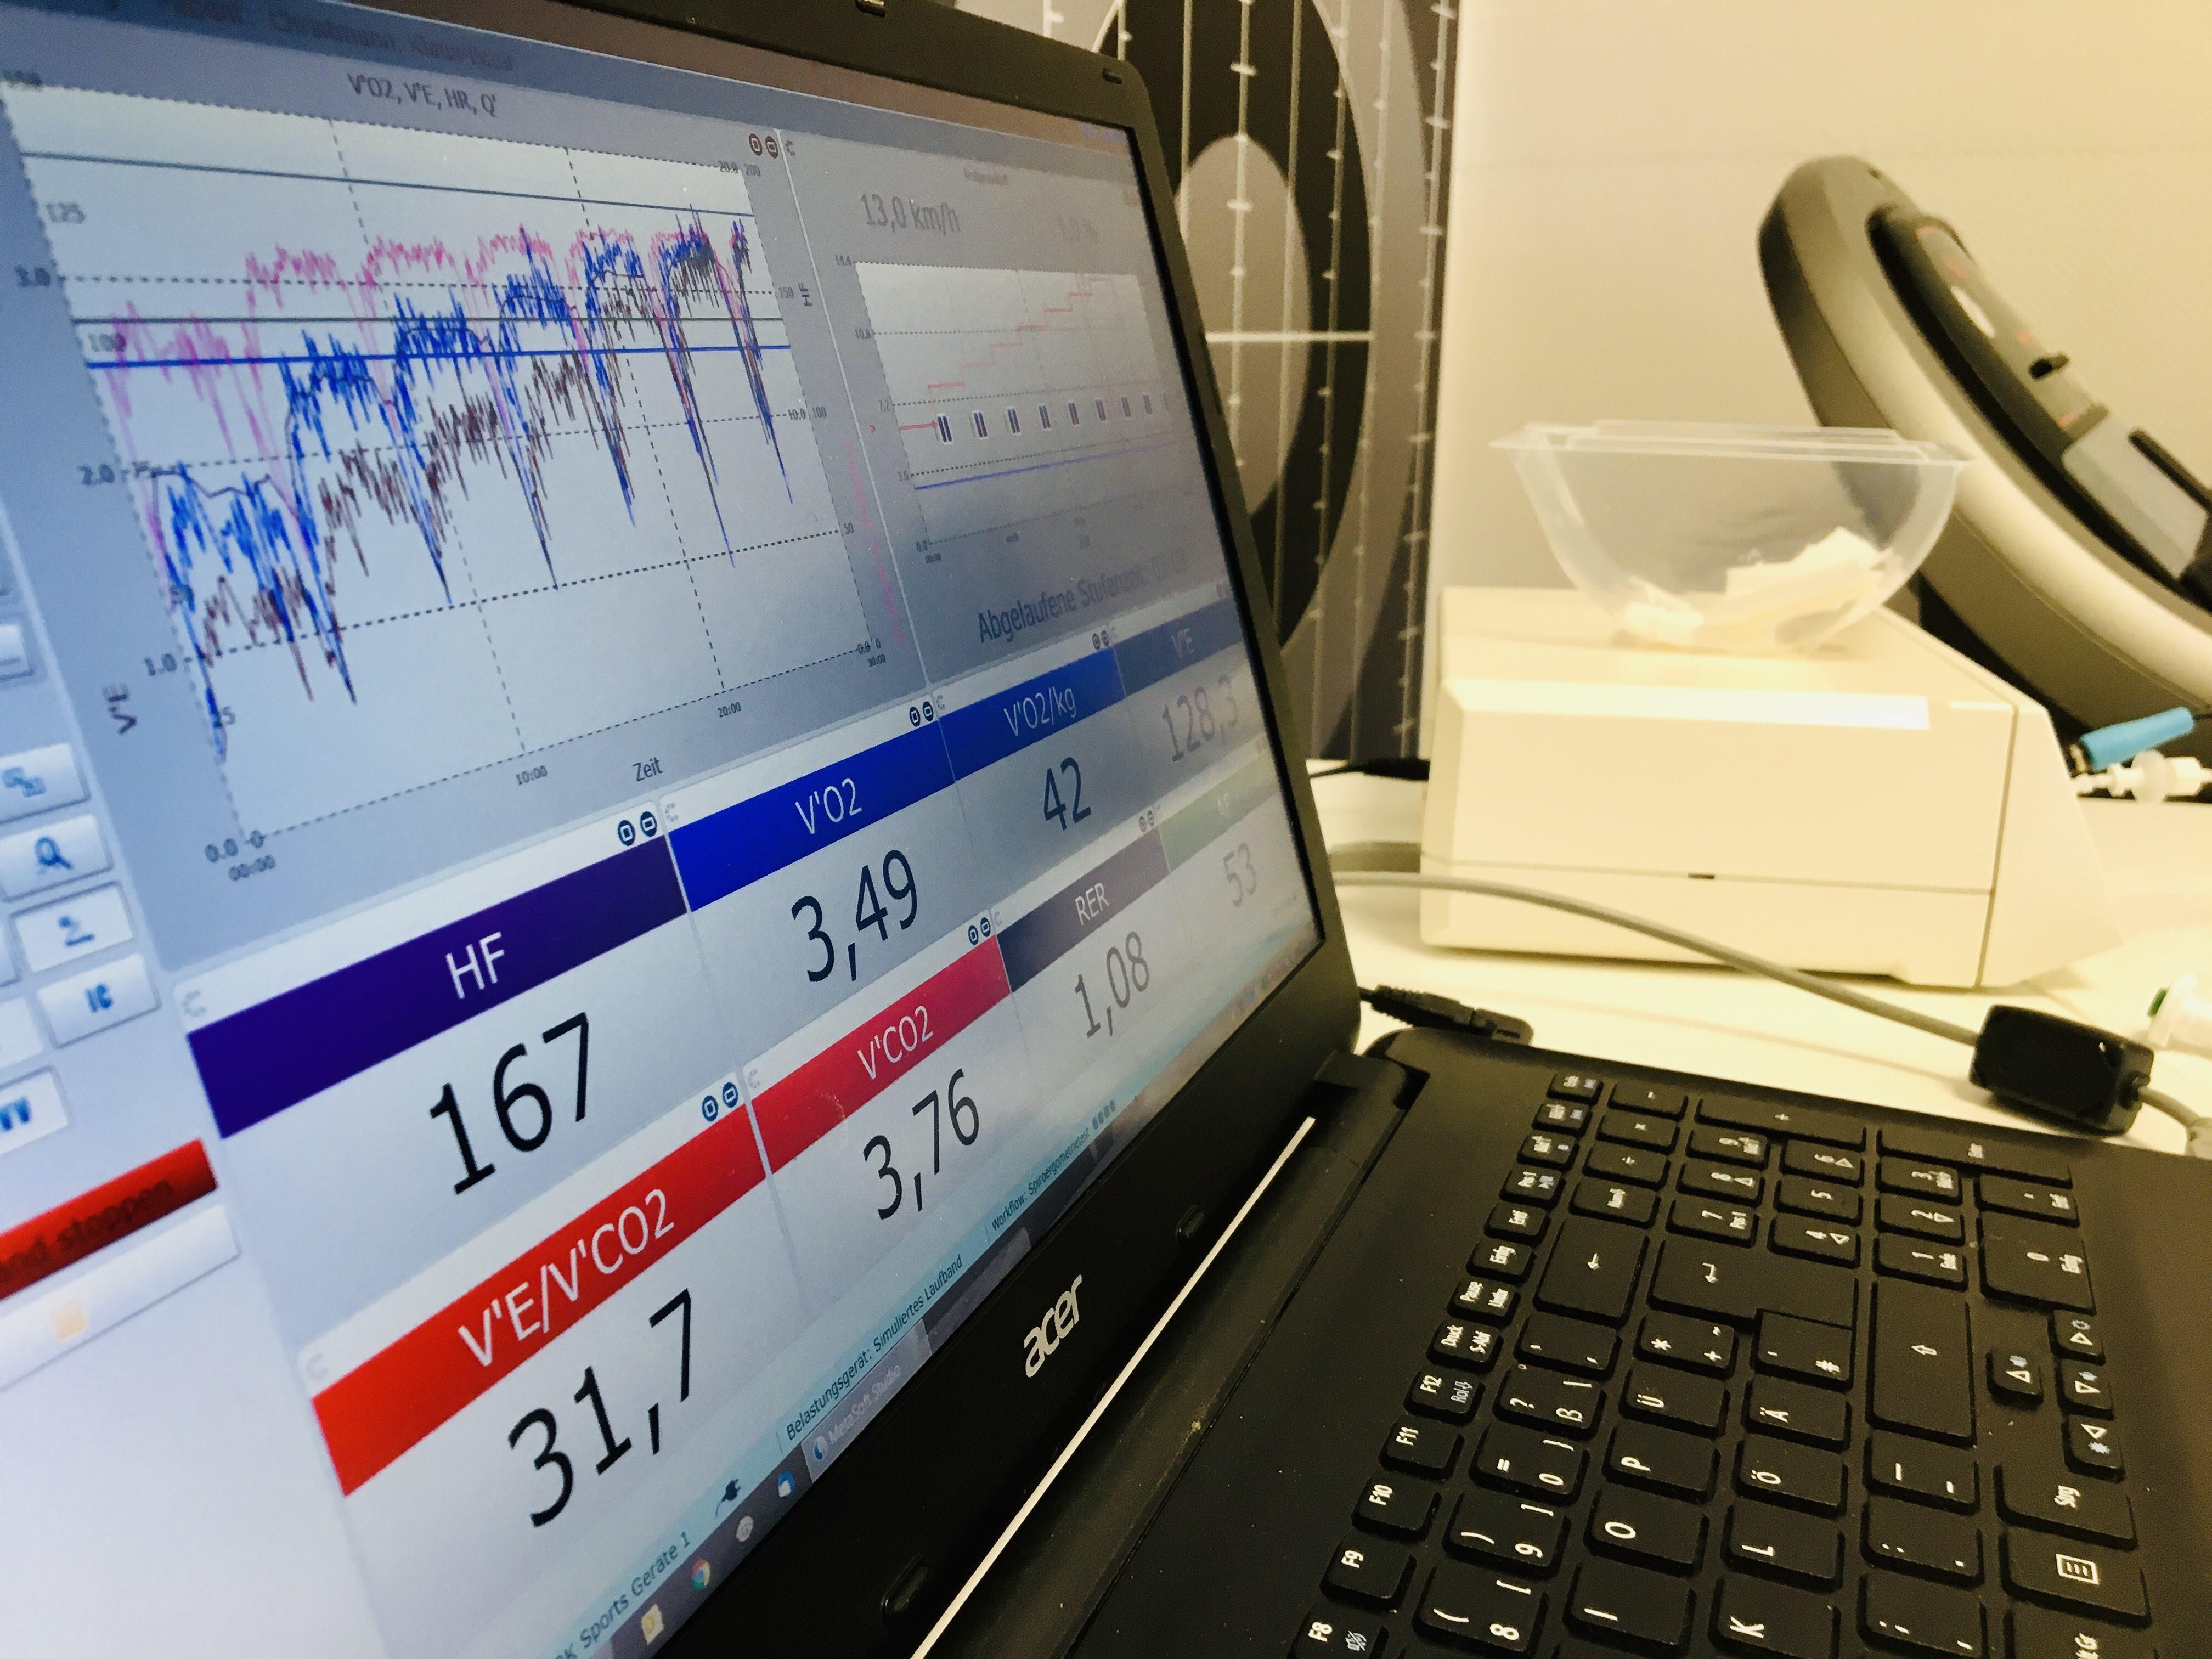 Leistungsdiagnostik komplett - Spiroergometrie mit Laktatmessung